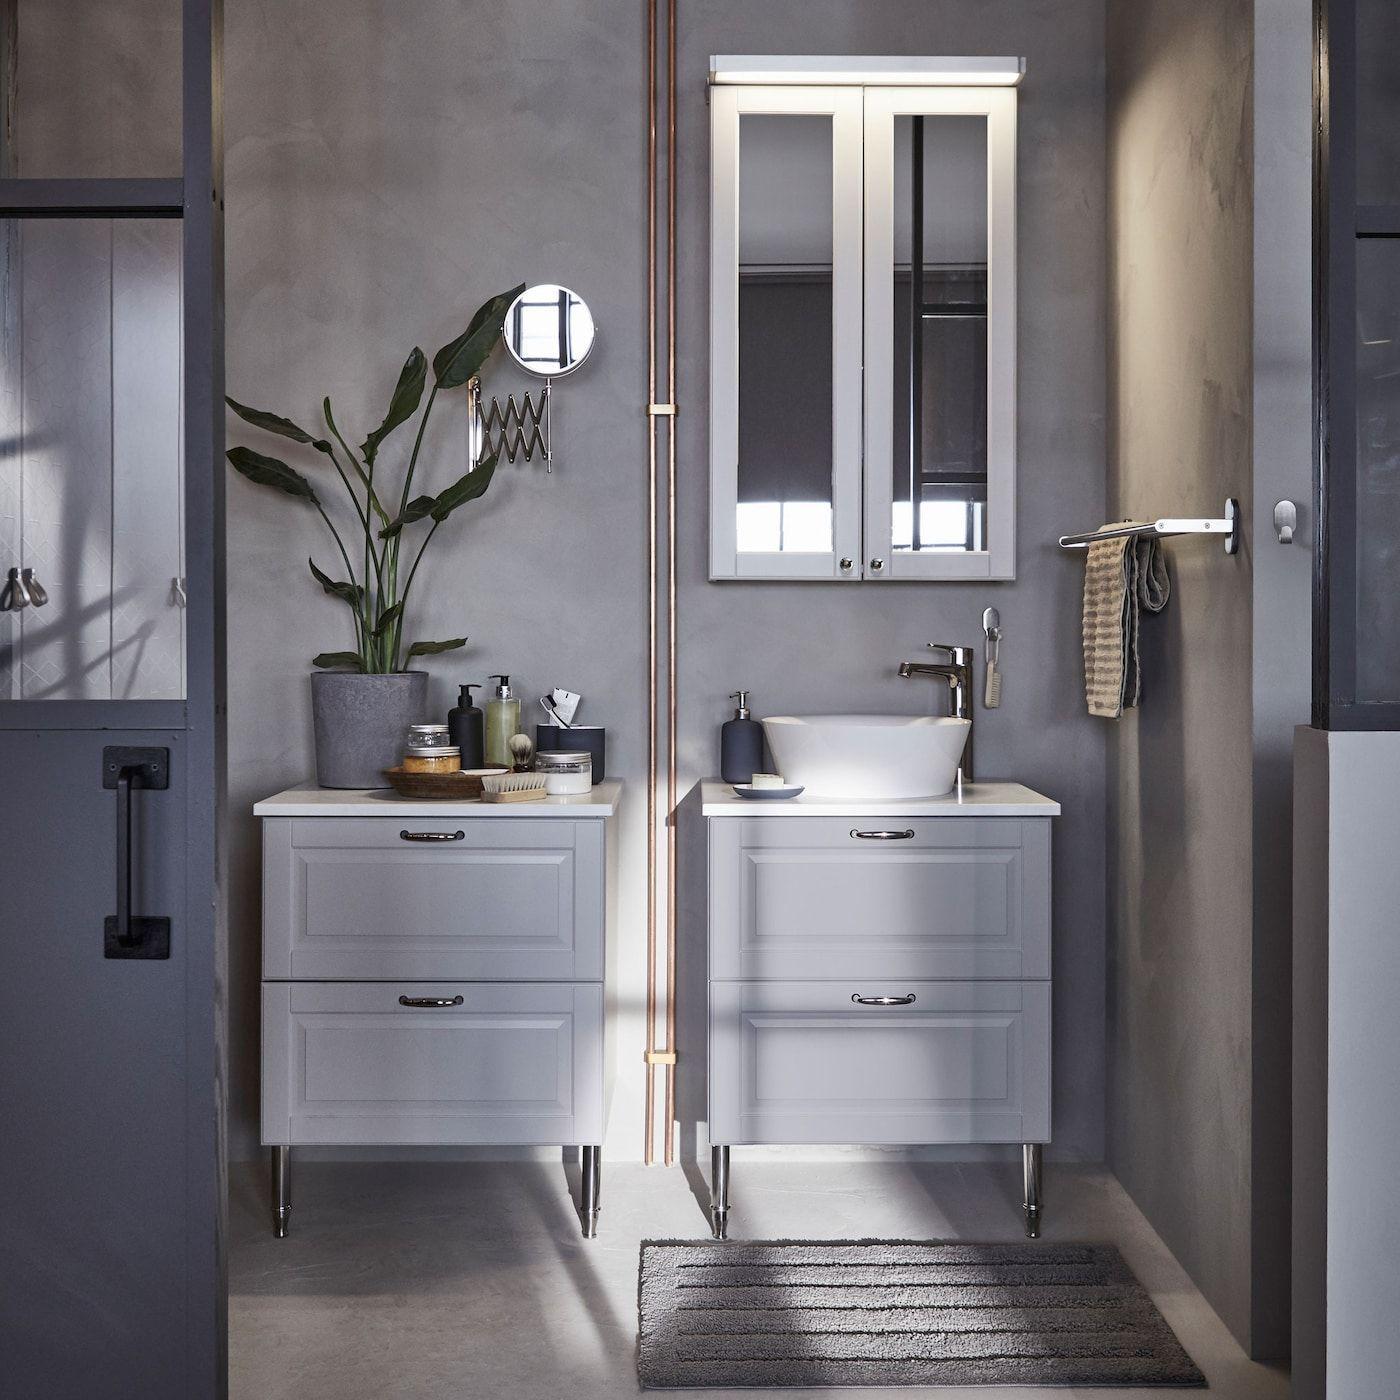 Schnell Abnehmen Bauch In 2020 Badezimmer Gestalten Ikea Badezimmer Badezimmer